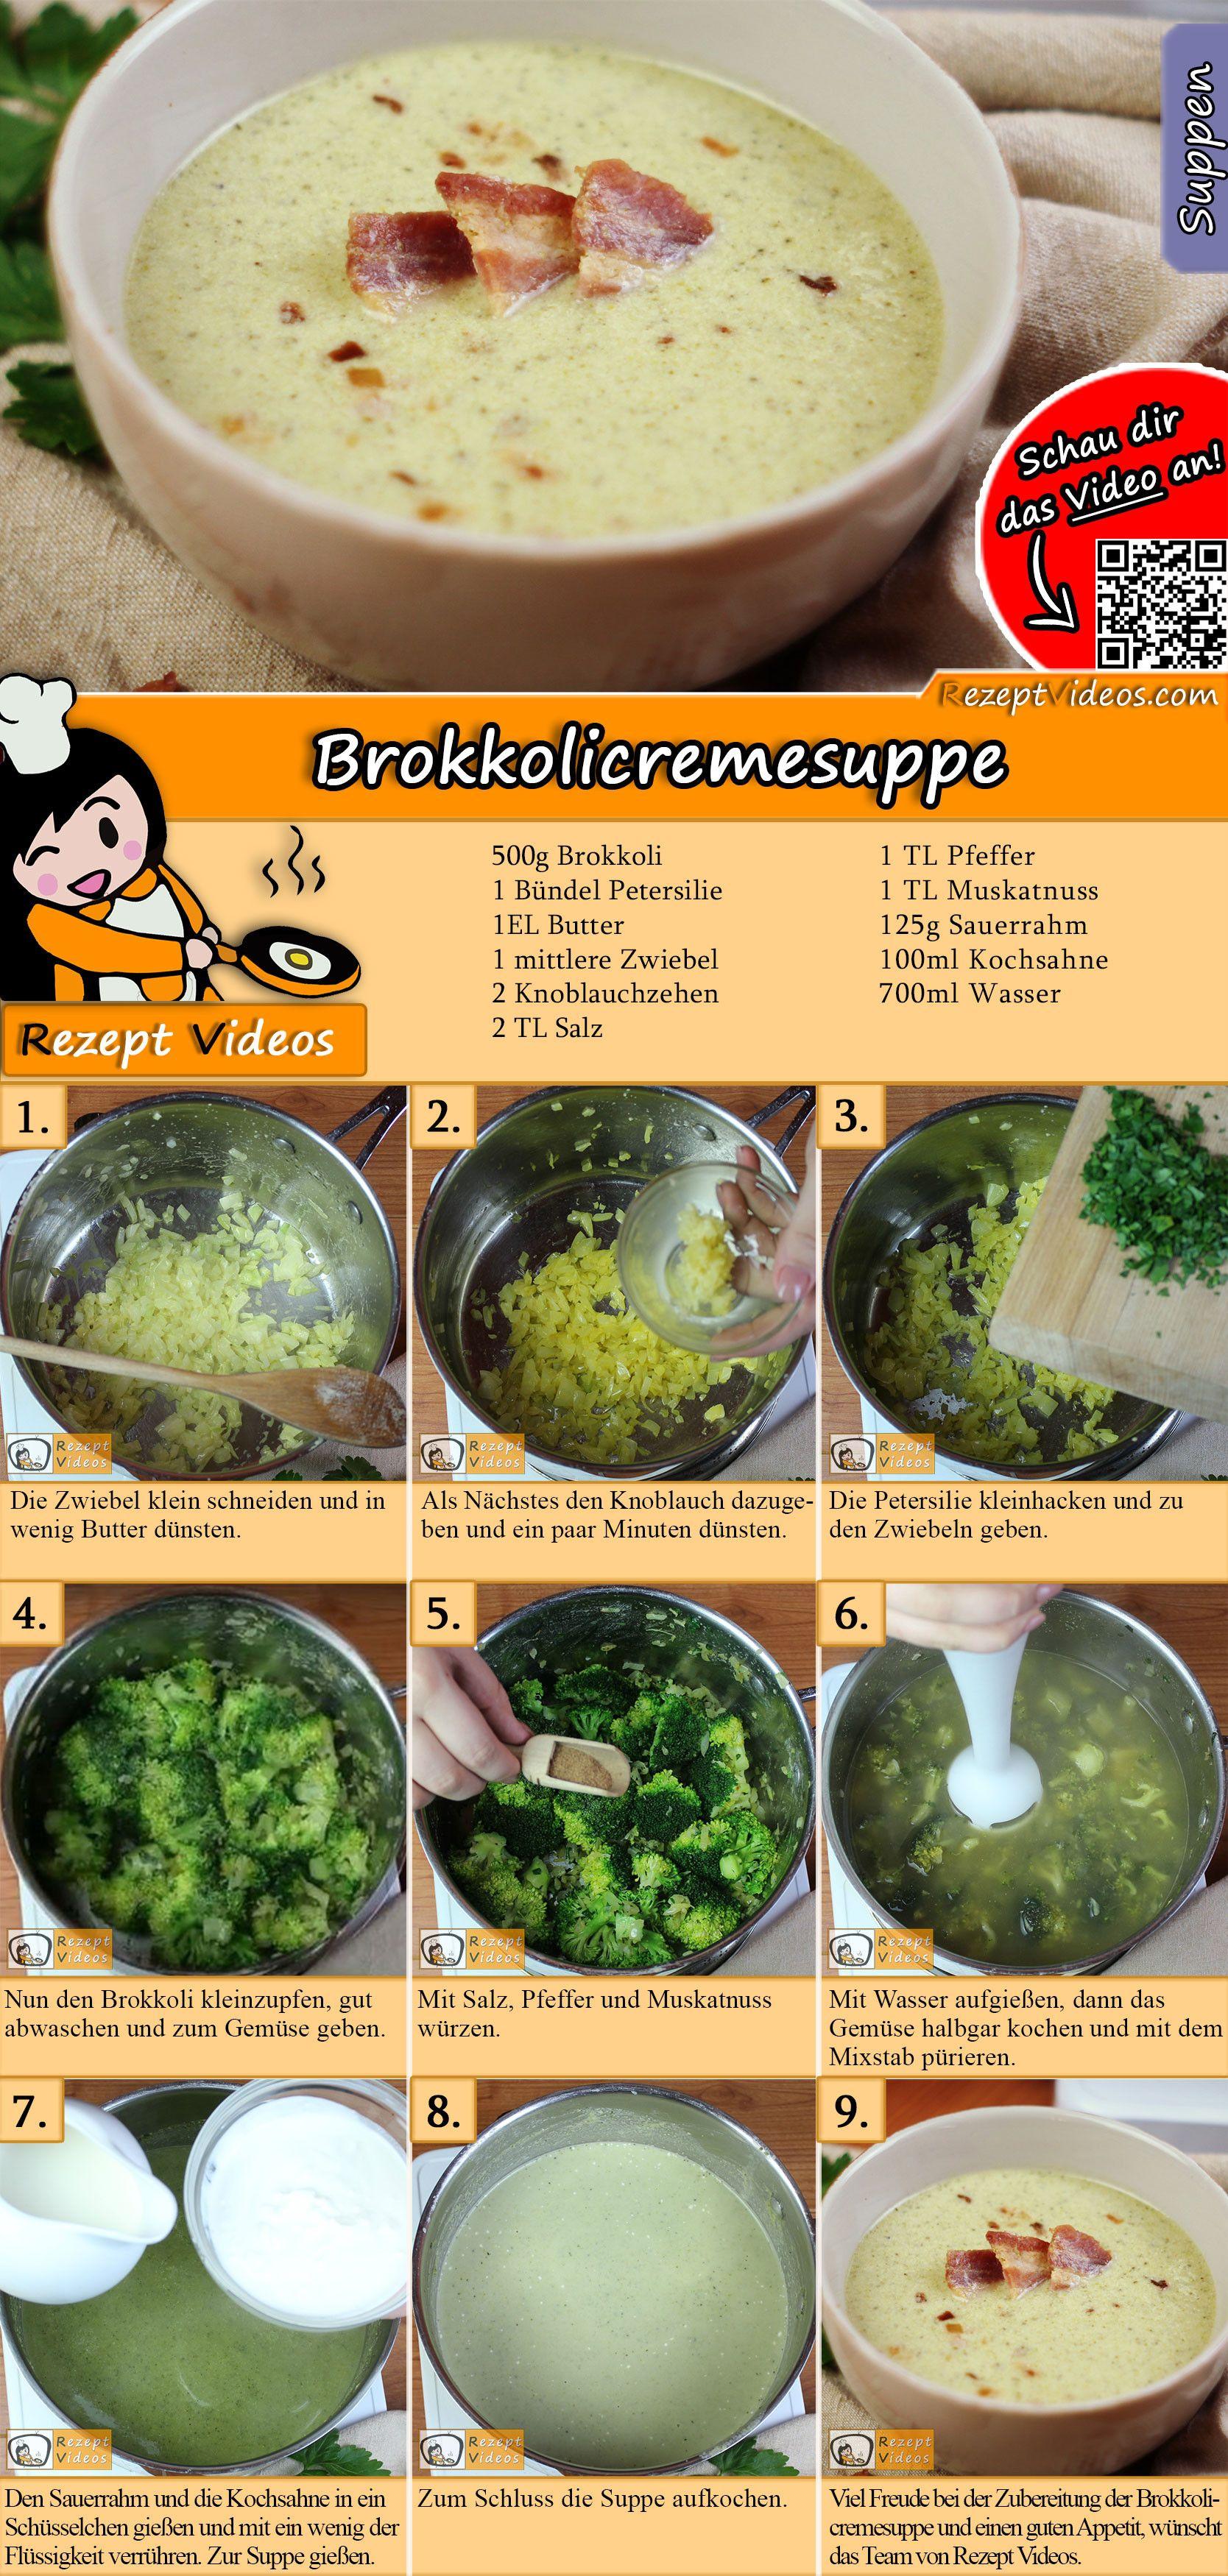 Brokkolicremesuppe Rezept mit Video - Cremesuppen/ Suppenrezepte #gezondeten